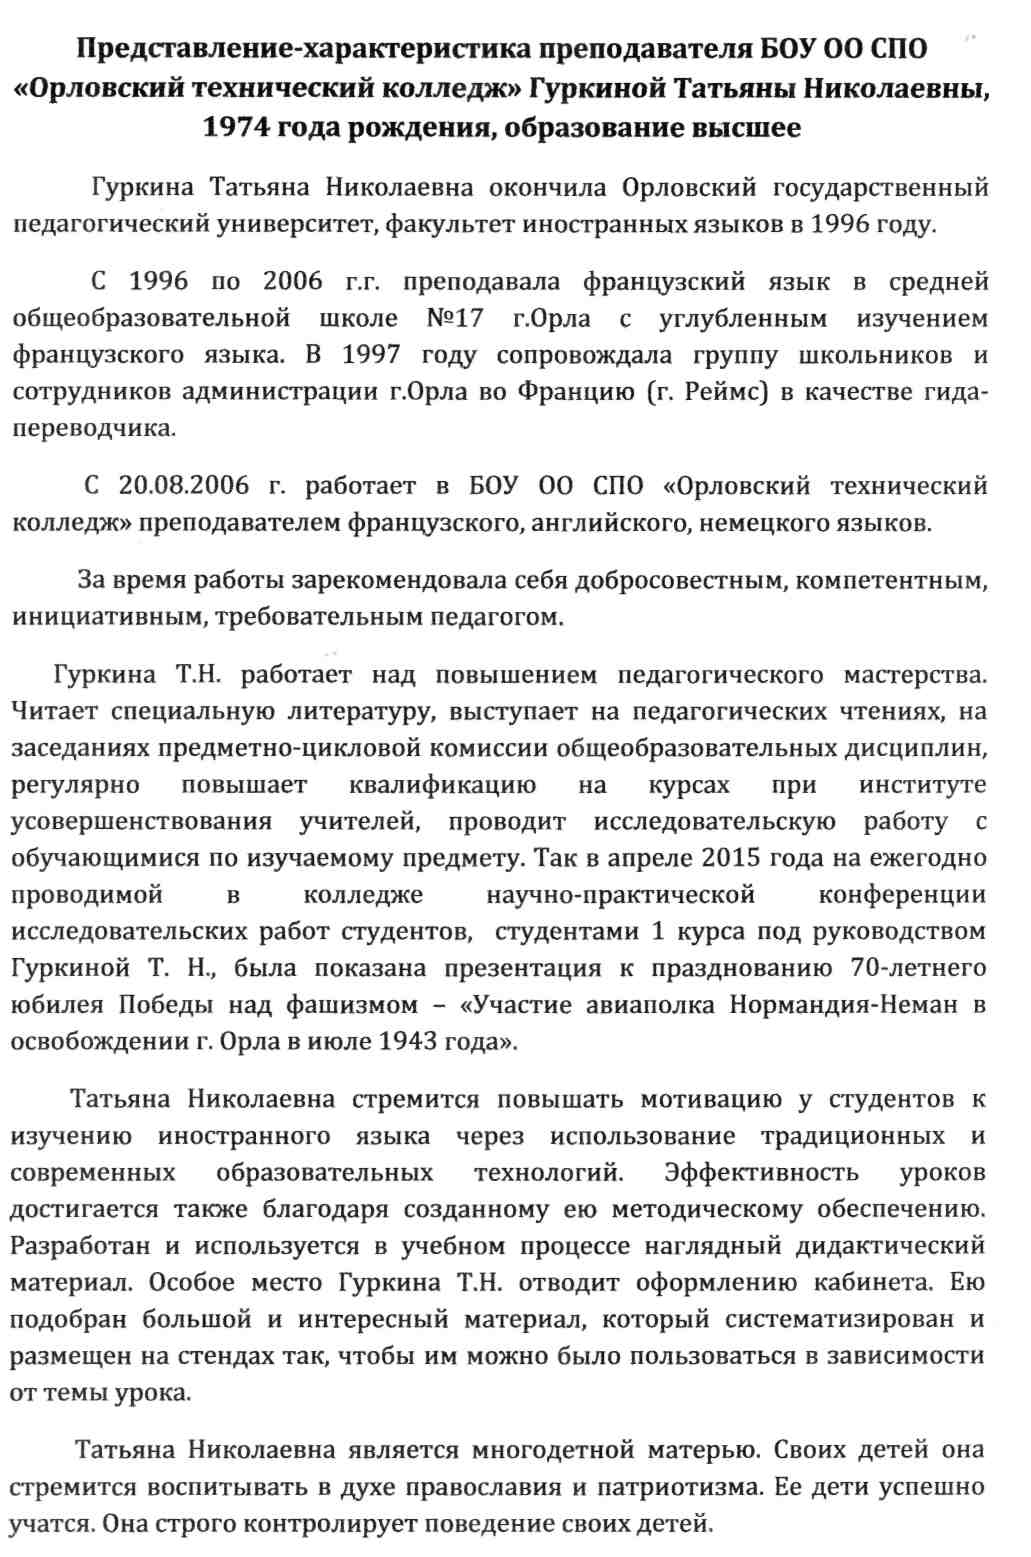 hello_html_m422de340.jpg